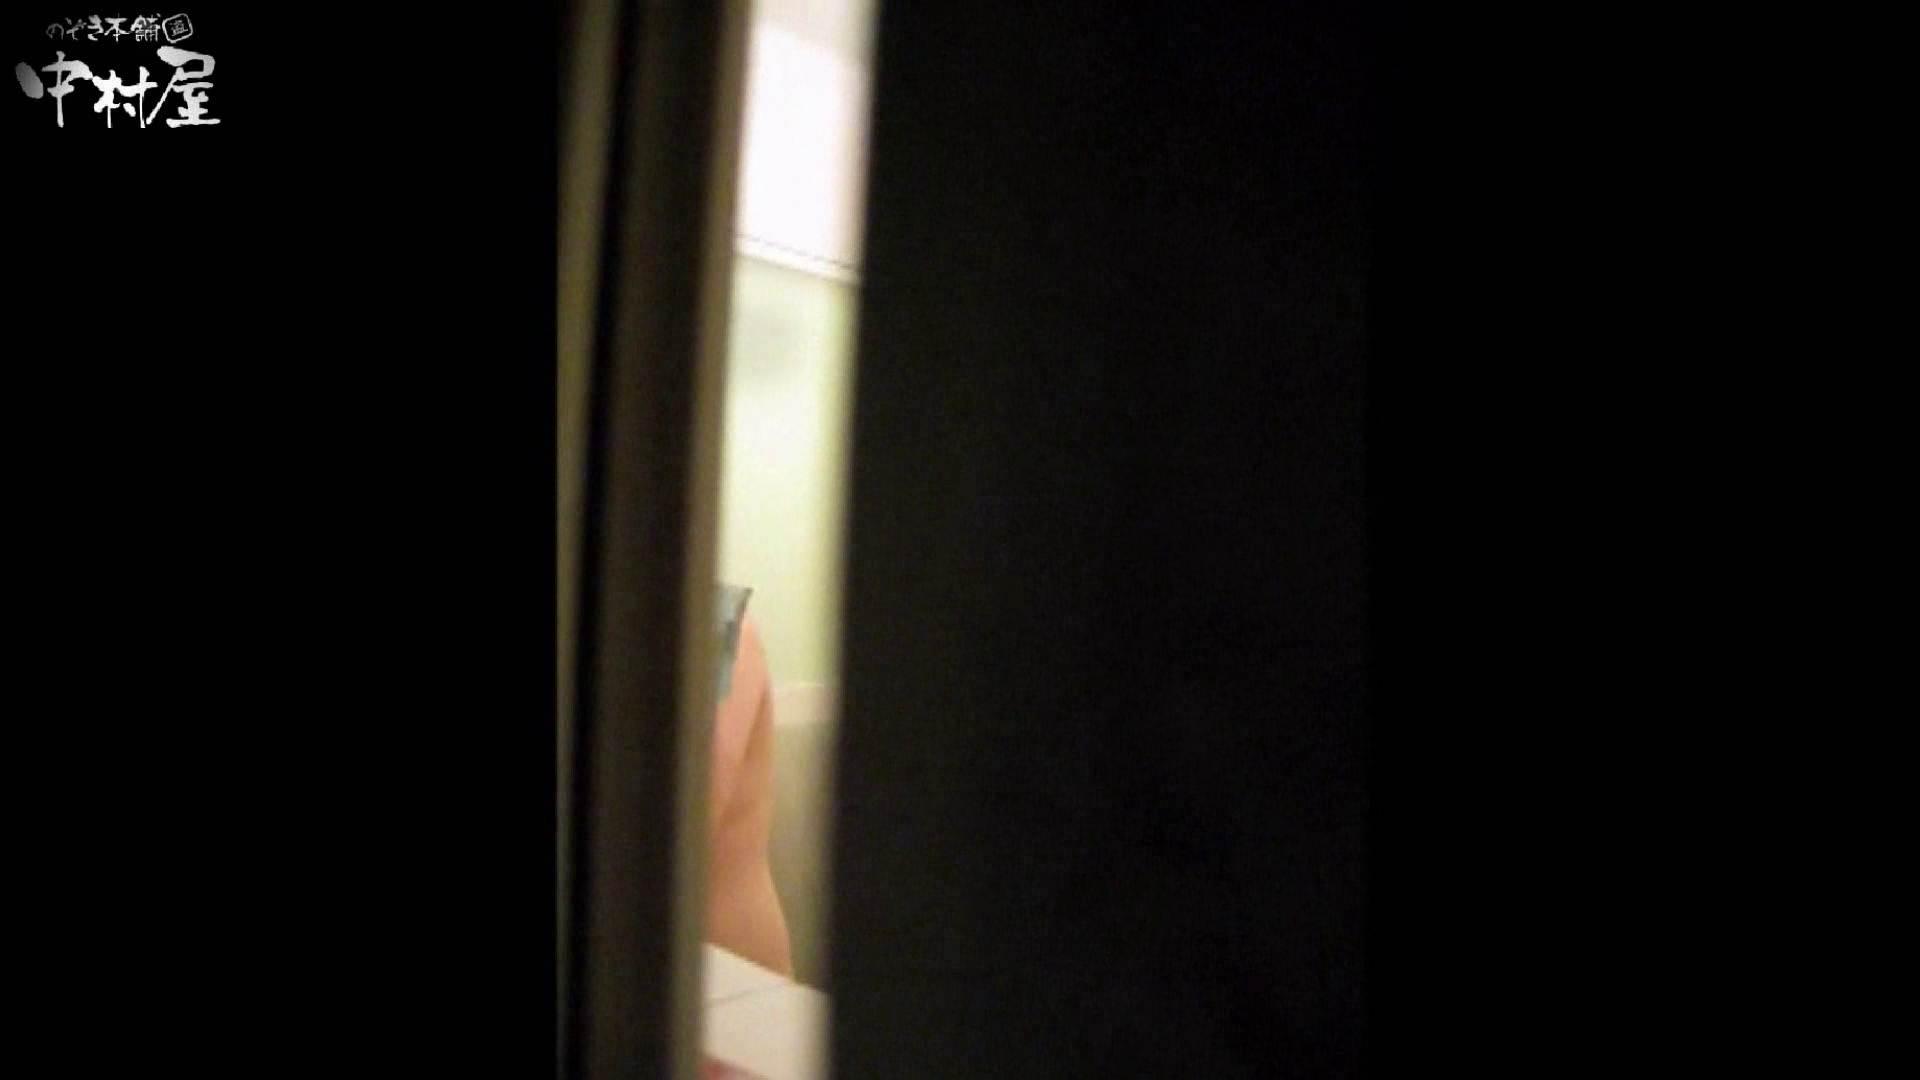 民家風呂専門盗撮師の超危険映像 vol.015 民家 すけべAV動画紹介 107連発 101